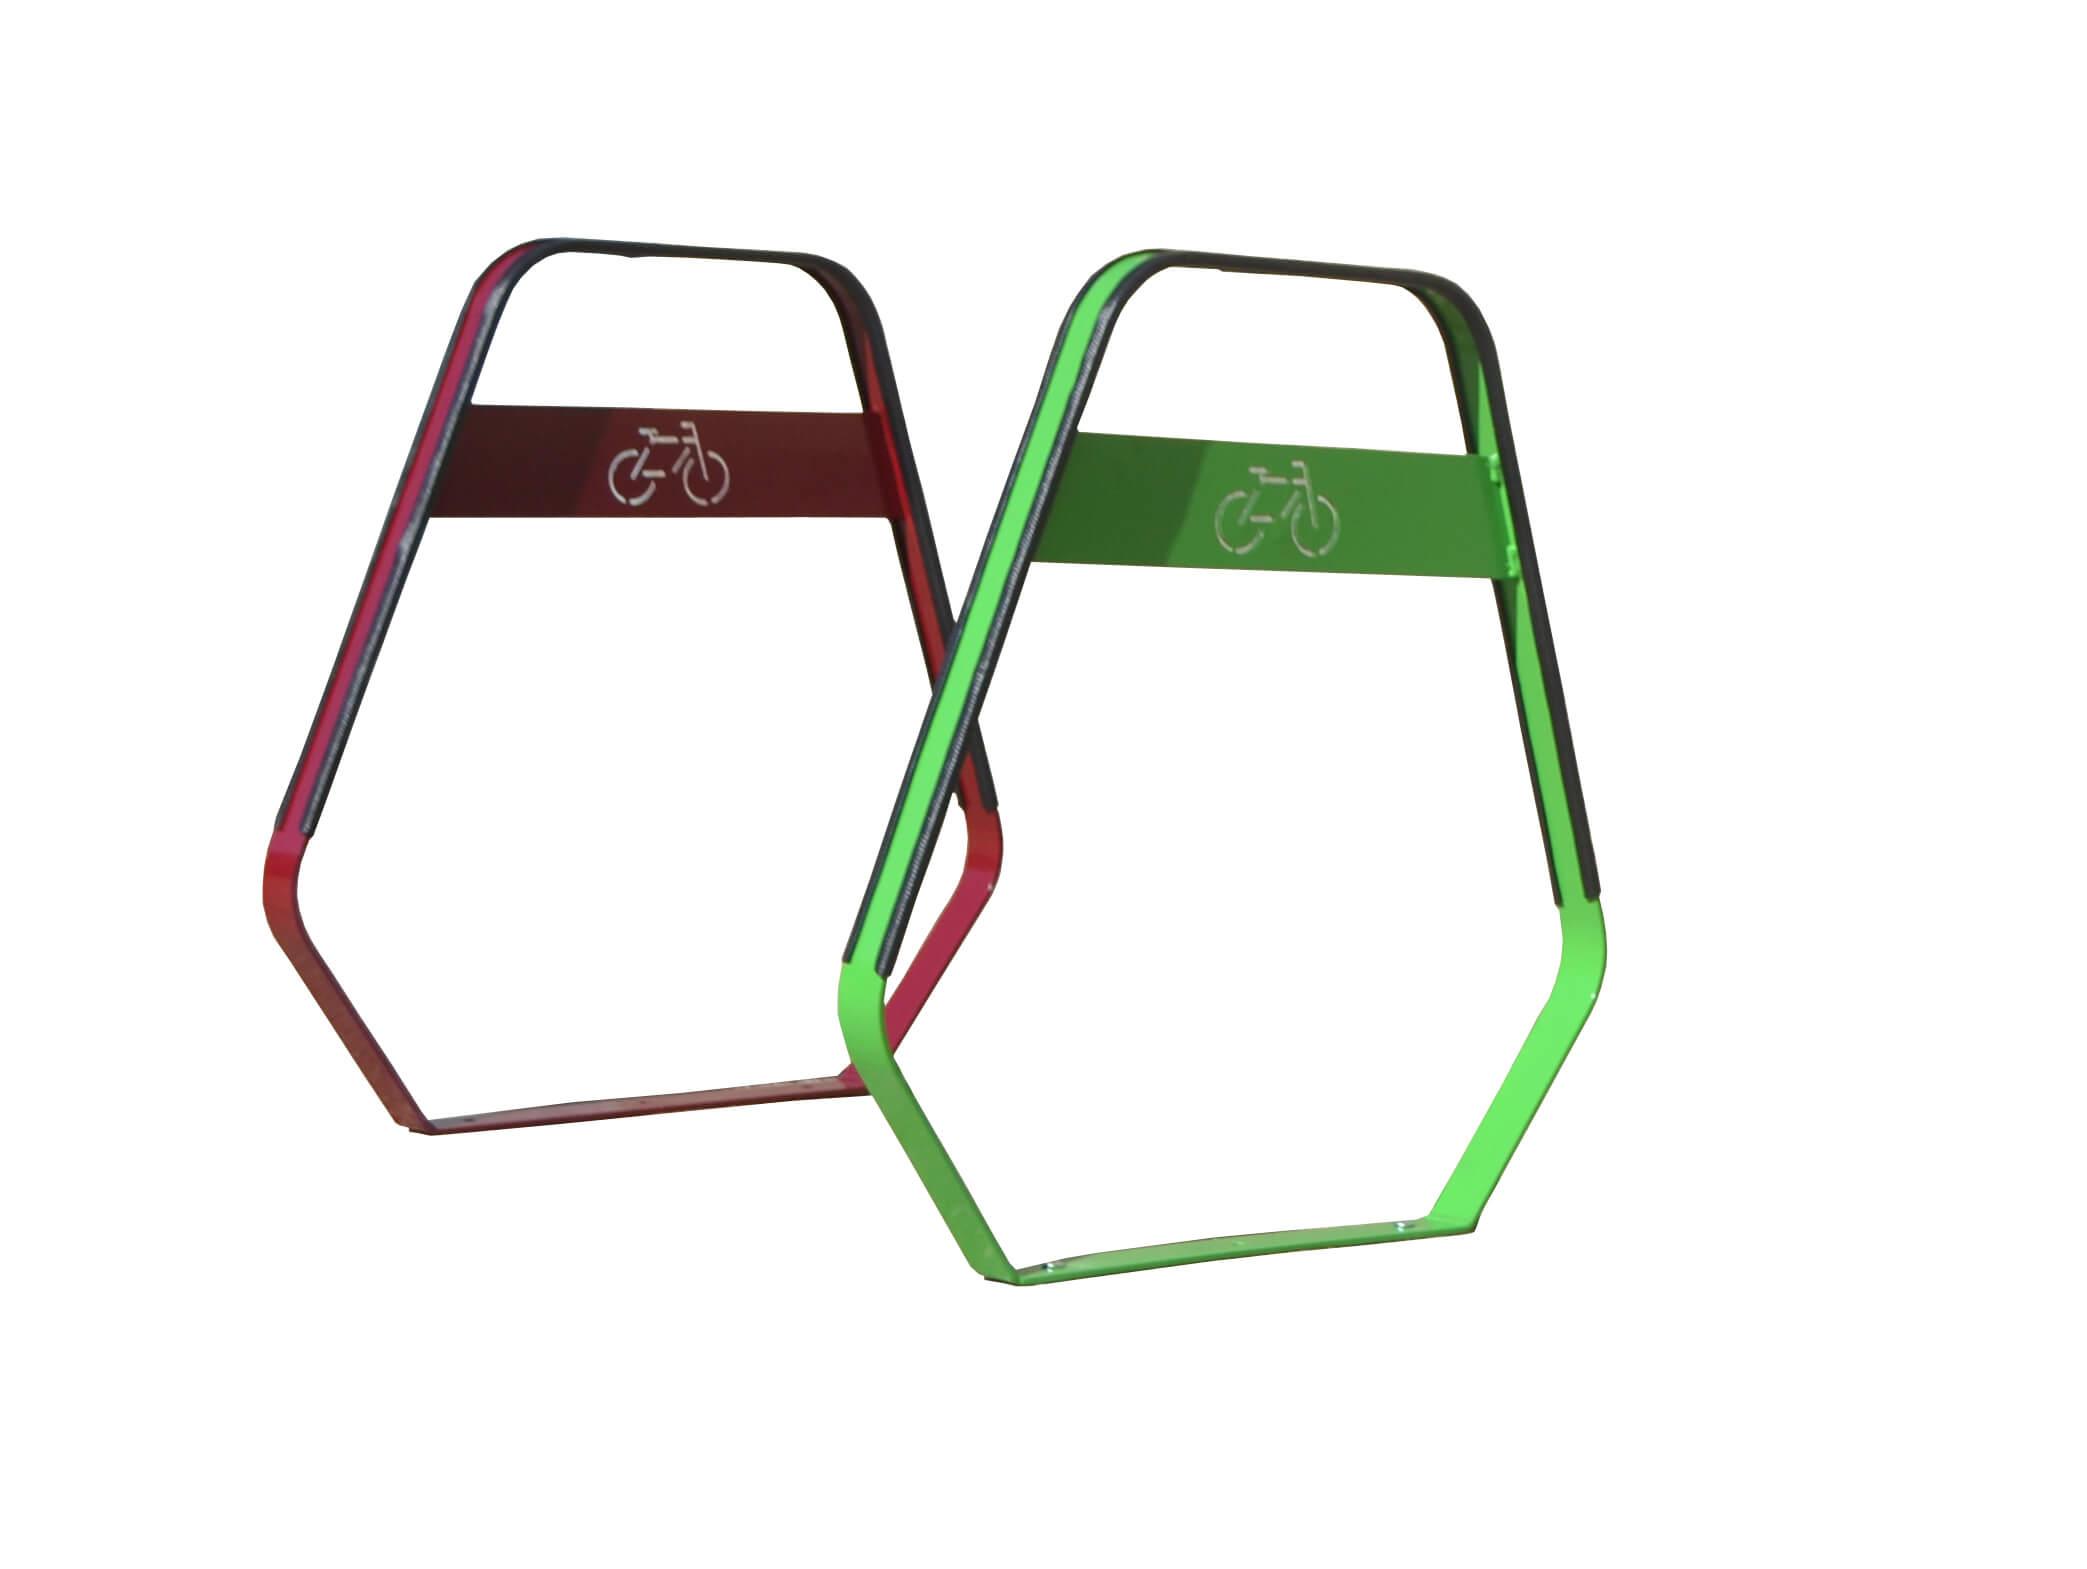 Banyoles fietsbeugel - in meerdere kleuren verkrijgbaar